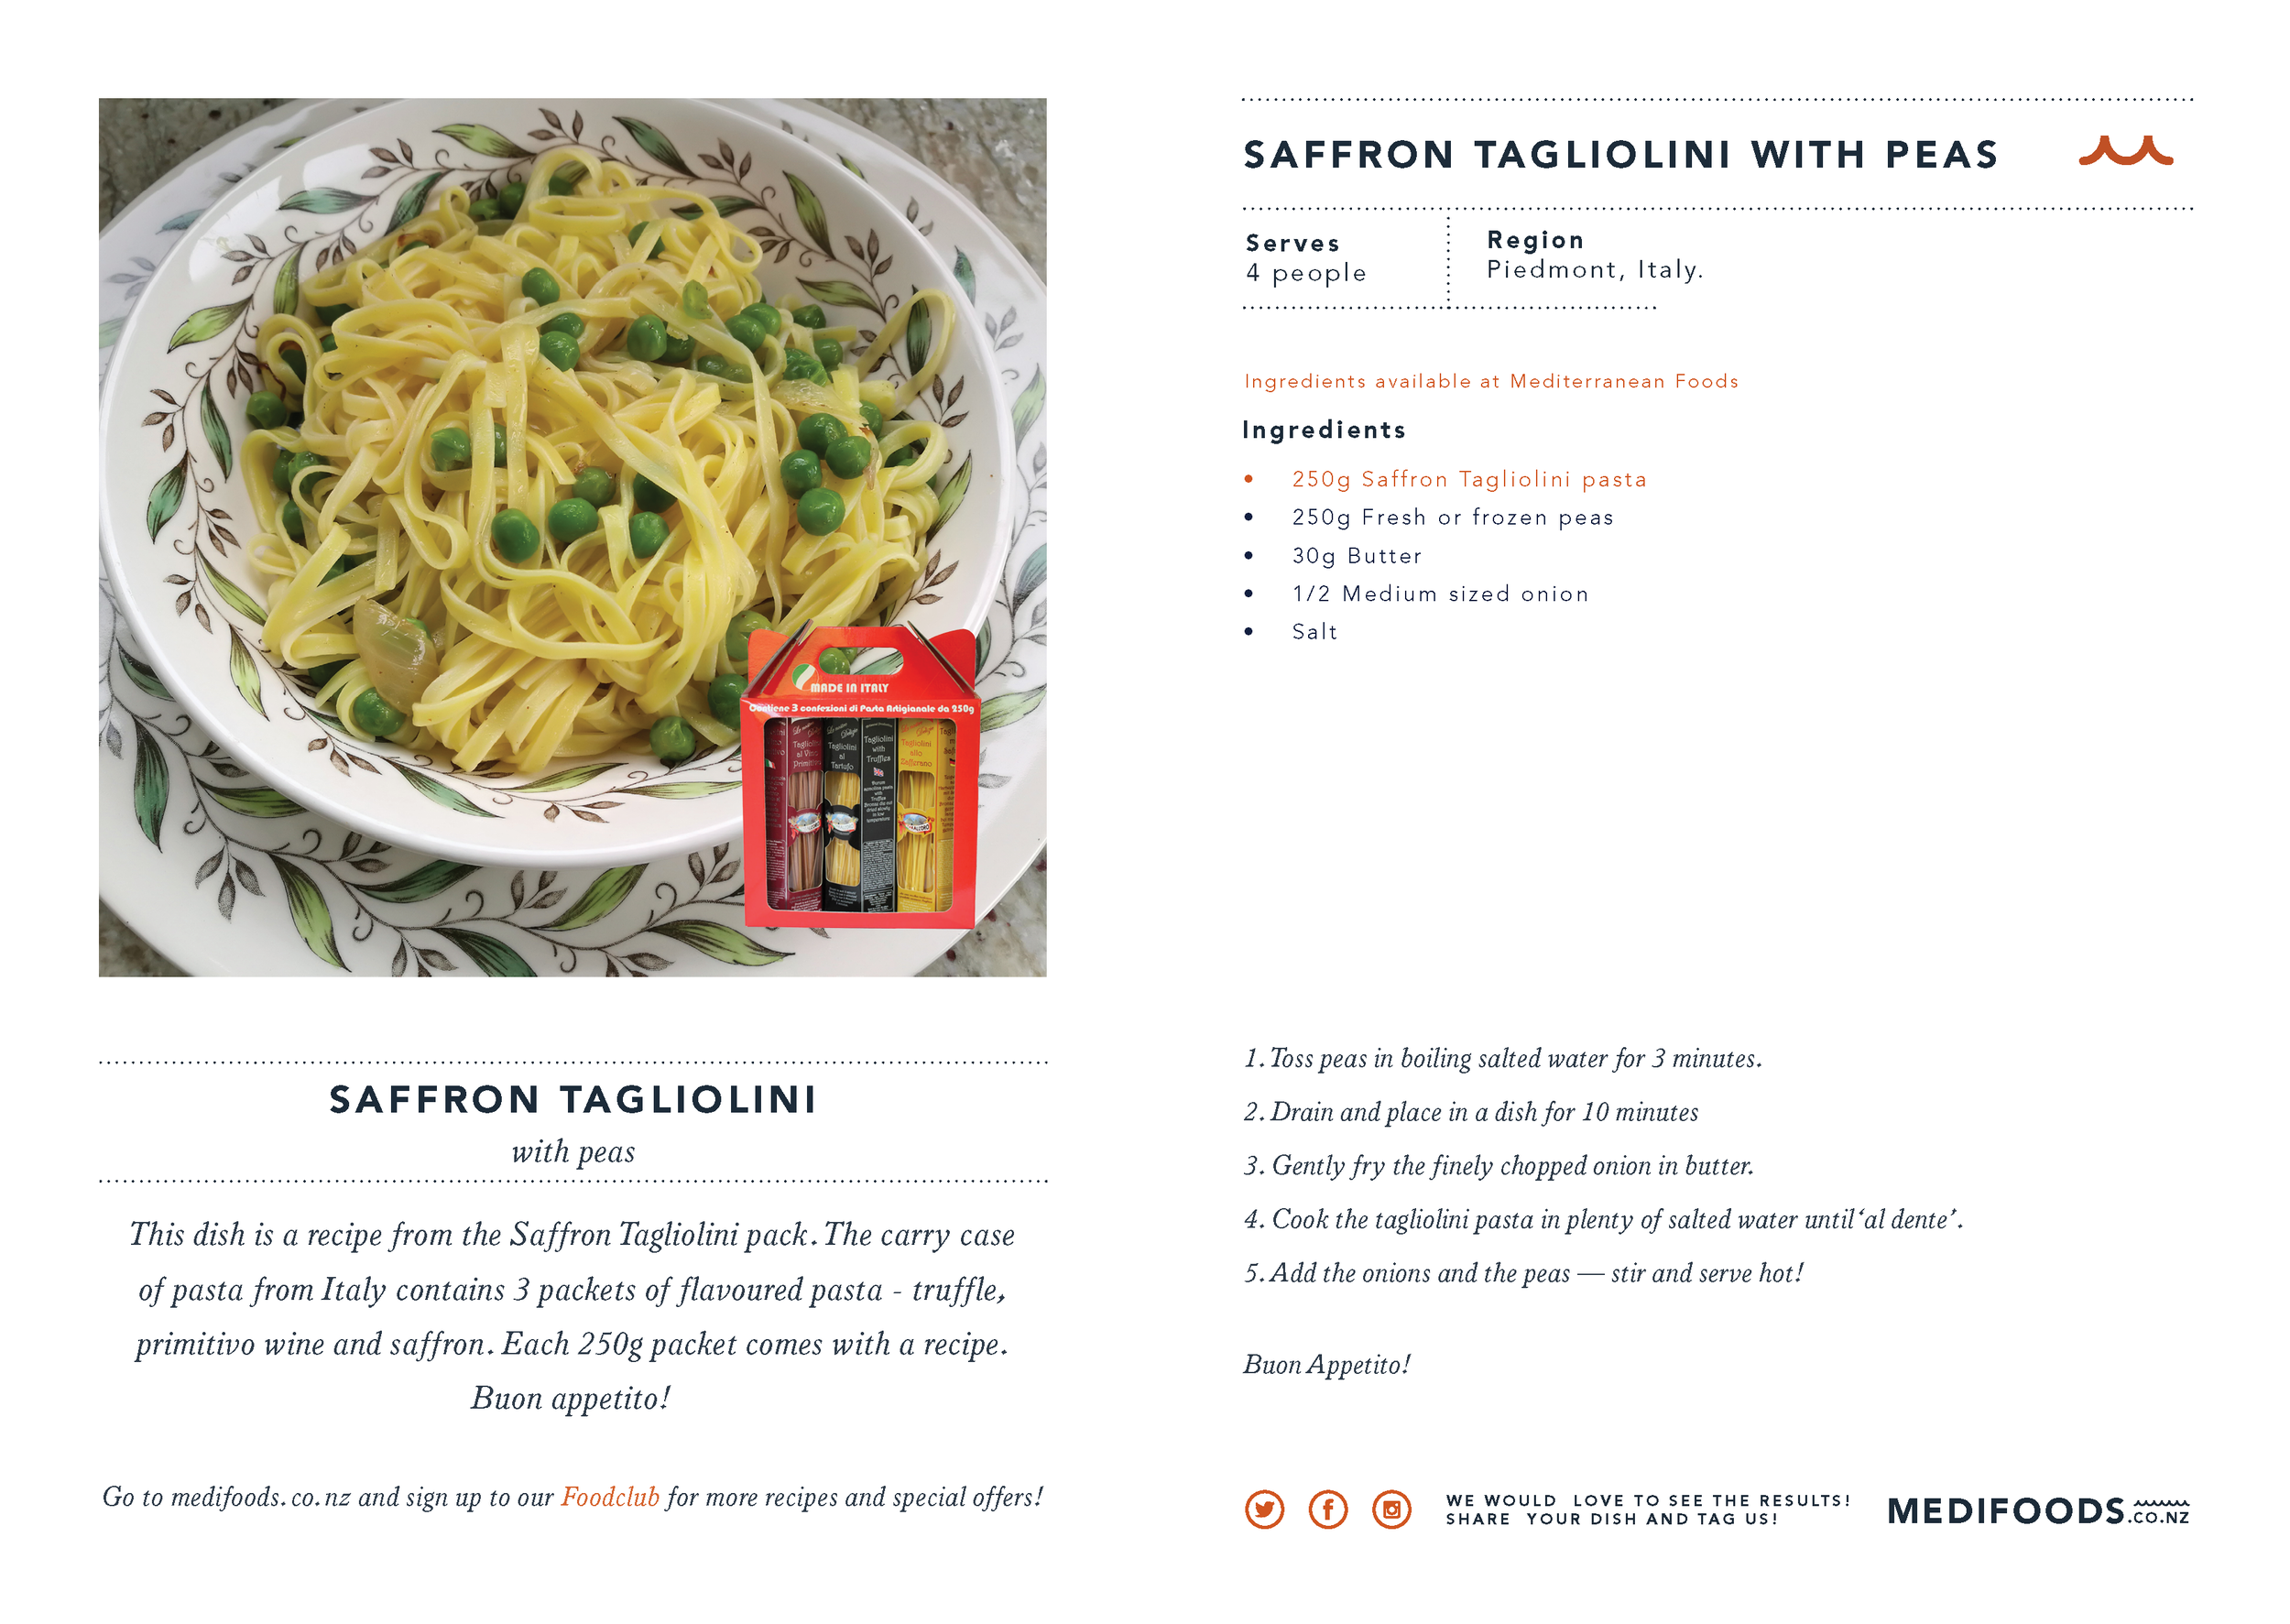 Saffron_Tagliolini_peas.png